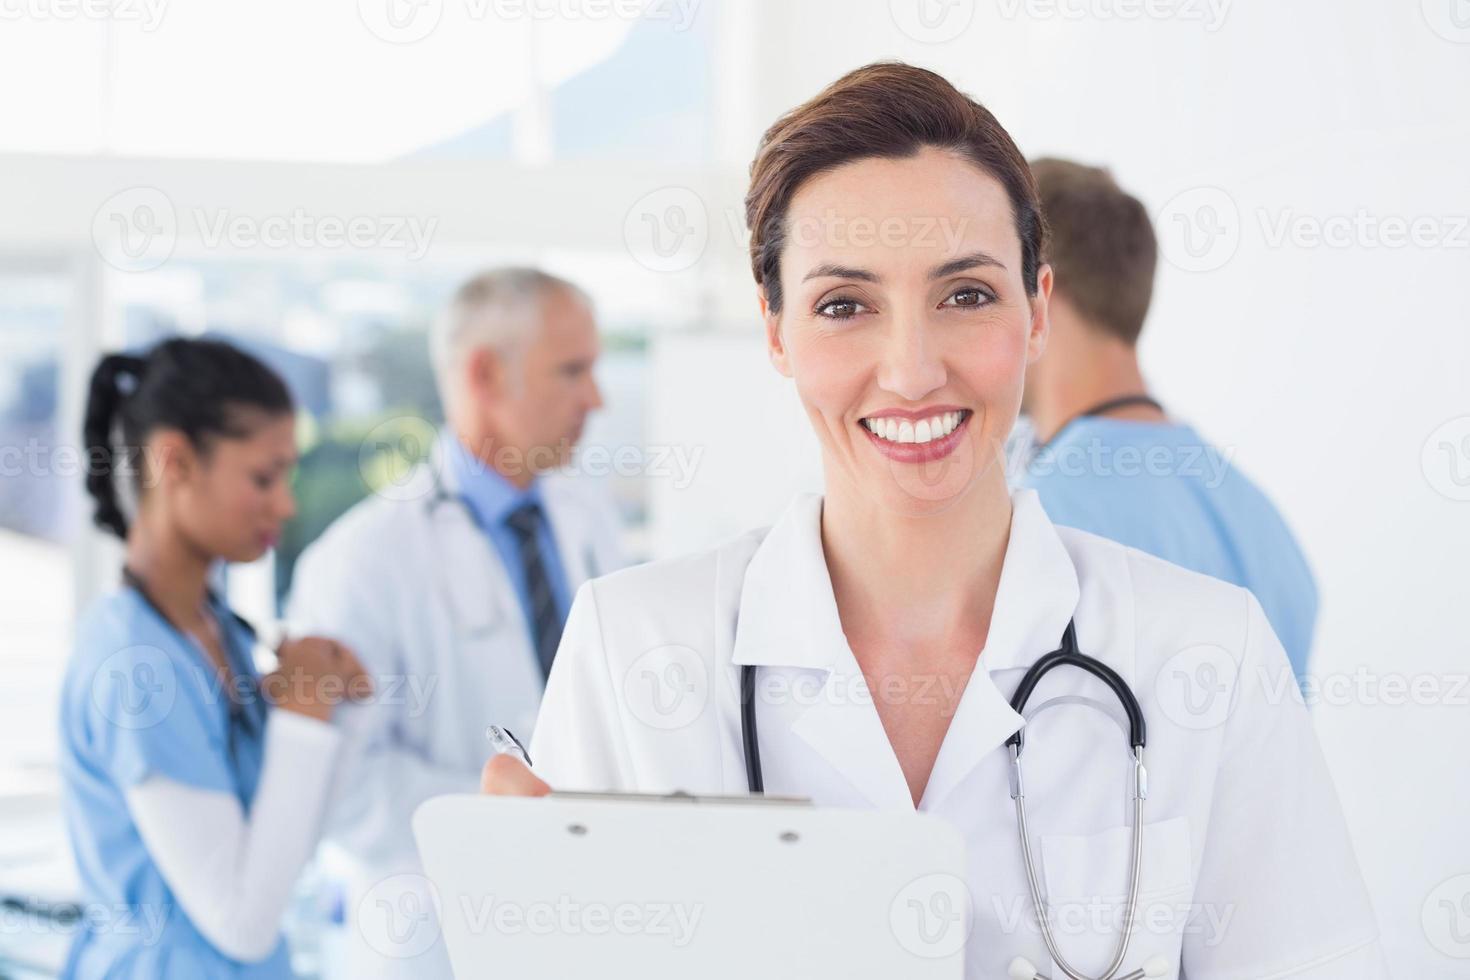 selbstbewusste Ärztin mit Zwischenablage foto